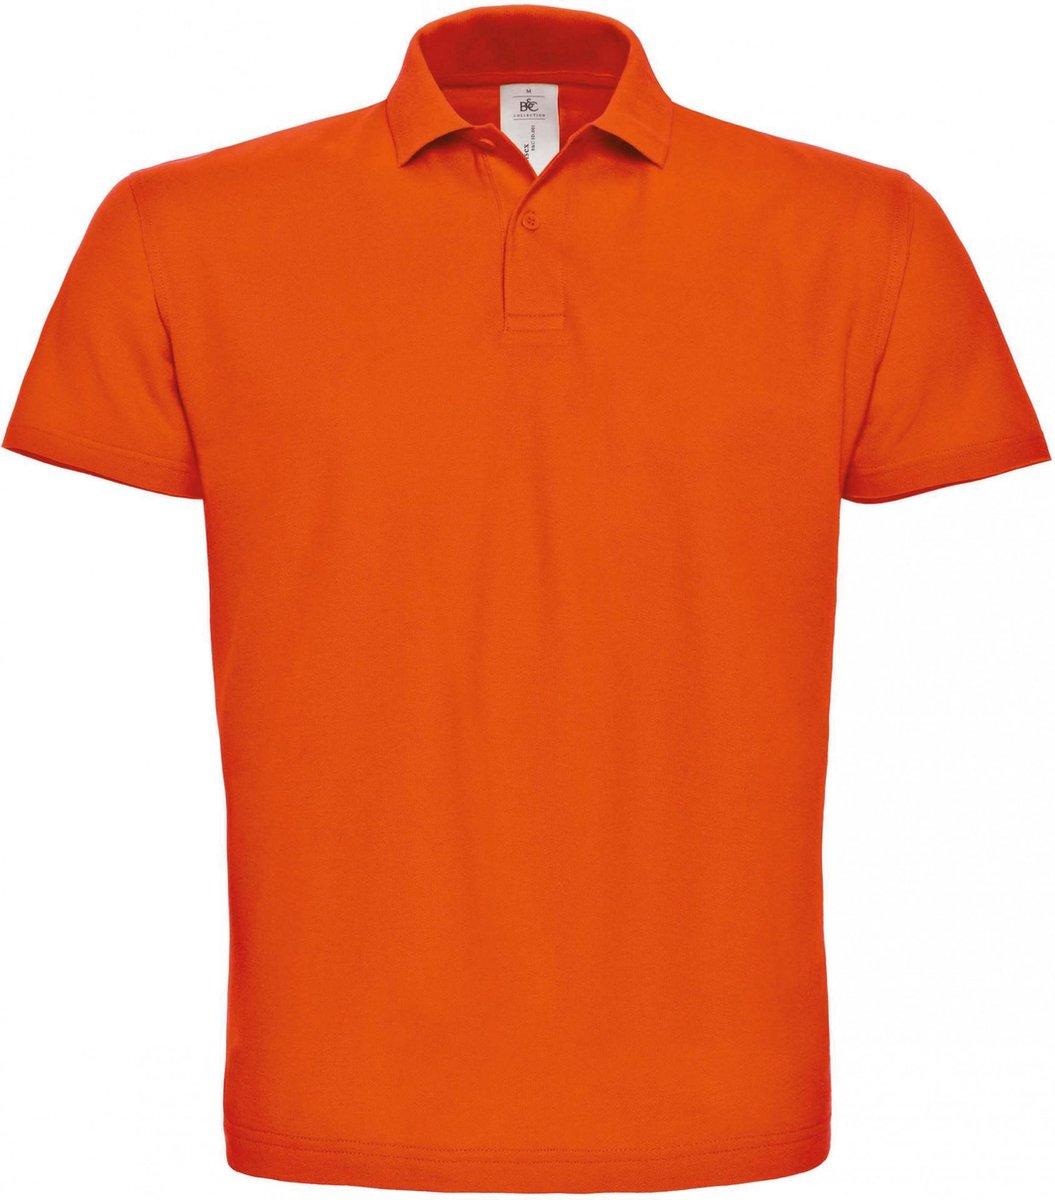 B&C Heren Oranje Polo REGULAR FIT Maat XXXL (3XL) 100 % Katoen